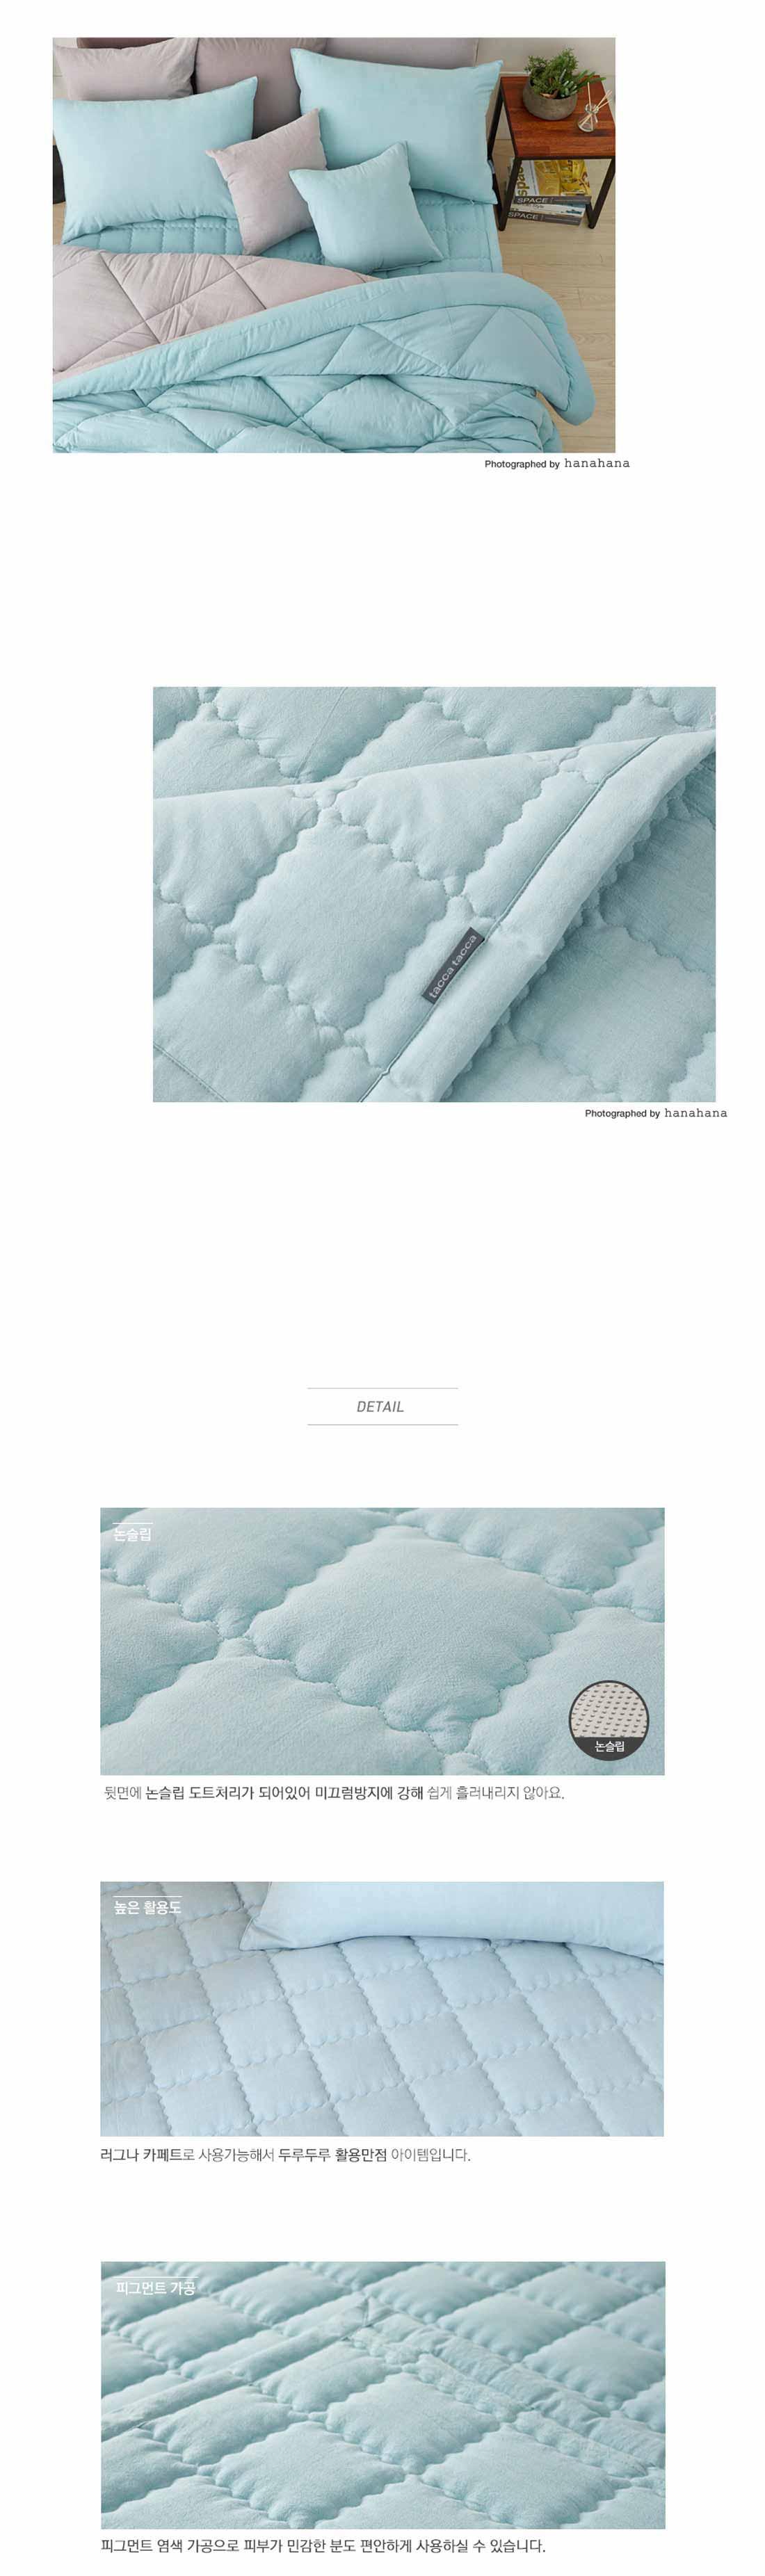 Tấm lót giường Hàn Quốc